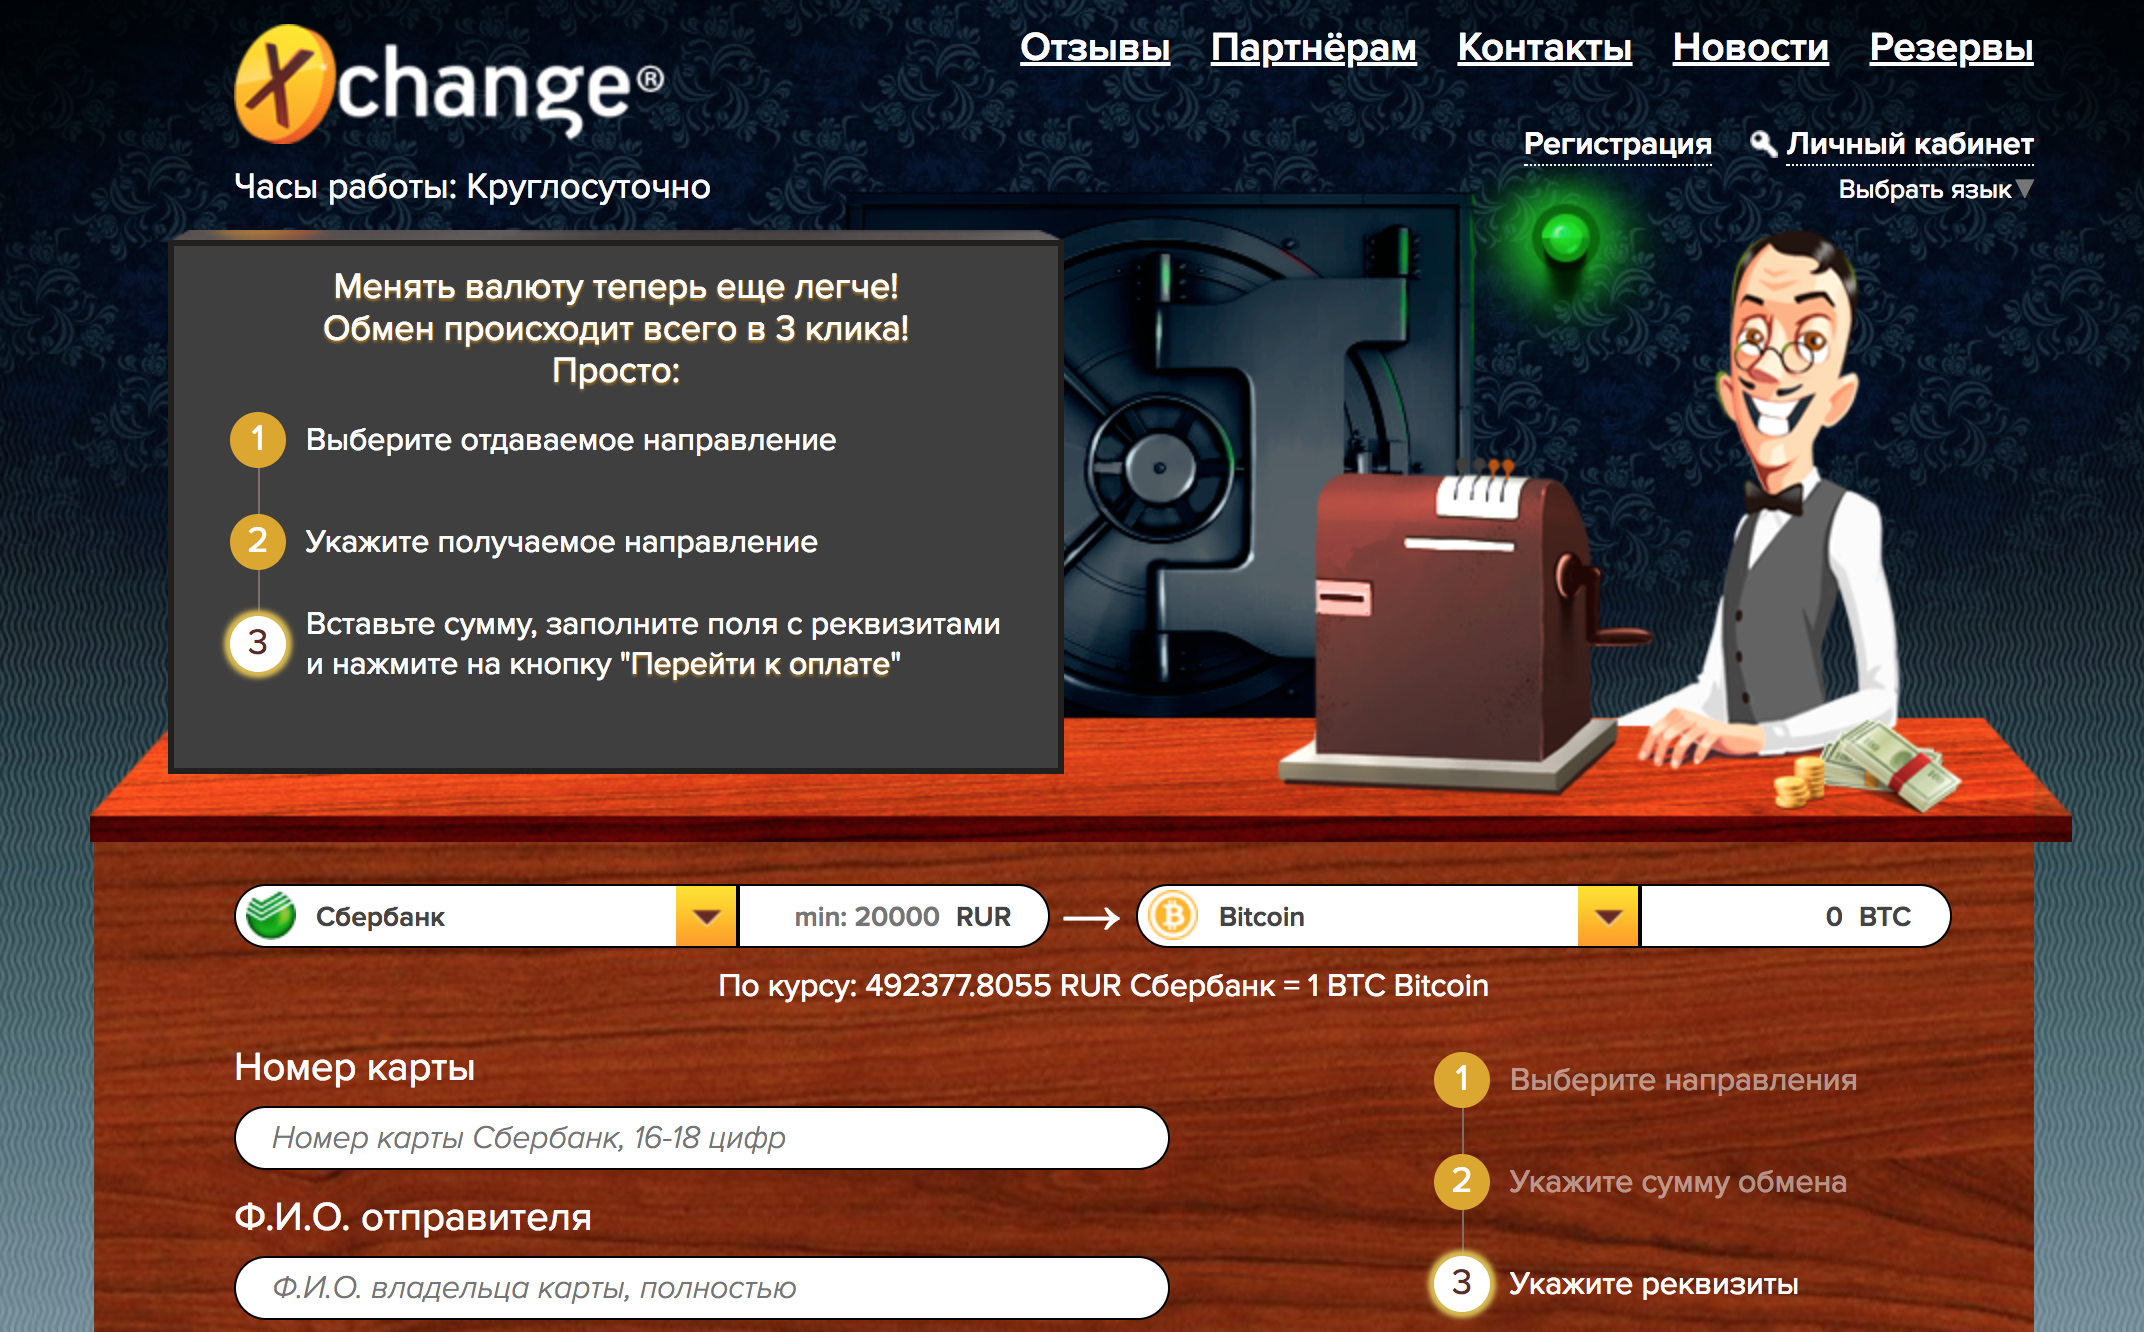 Сервис обмена Xchange